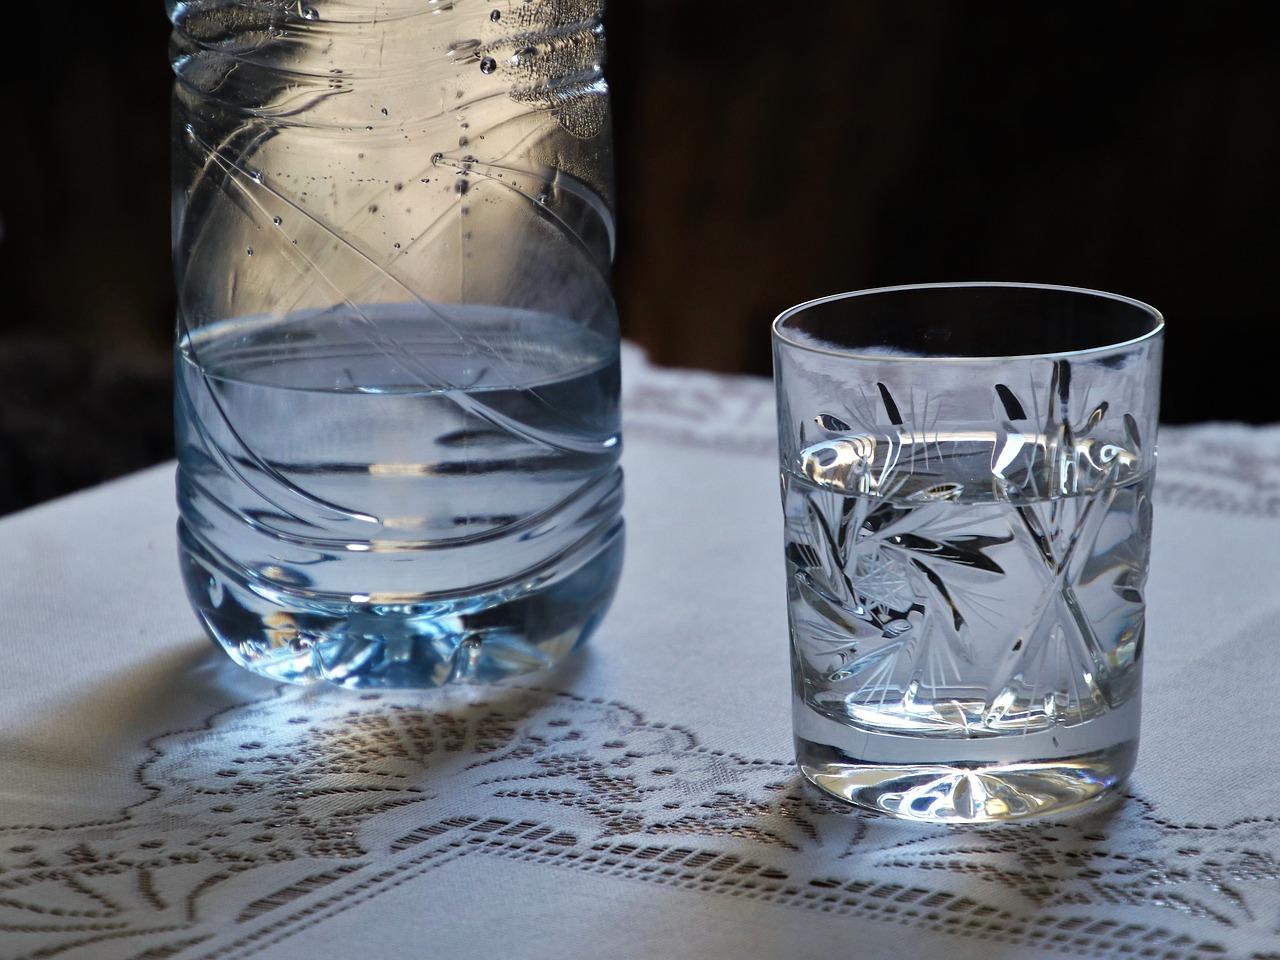 Massachusetts Legislation Targets Lead in School Drinking Water